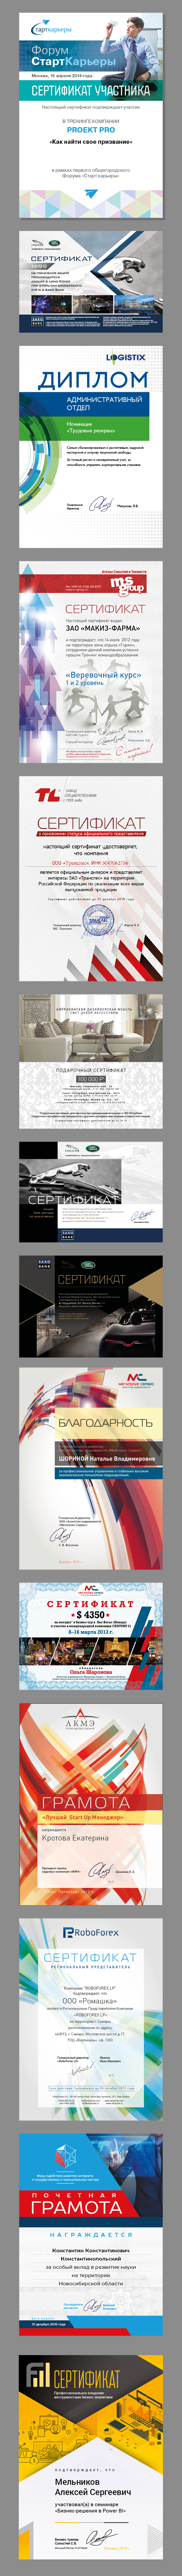 Sertificates_Muzalevsky